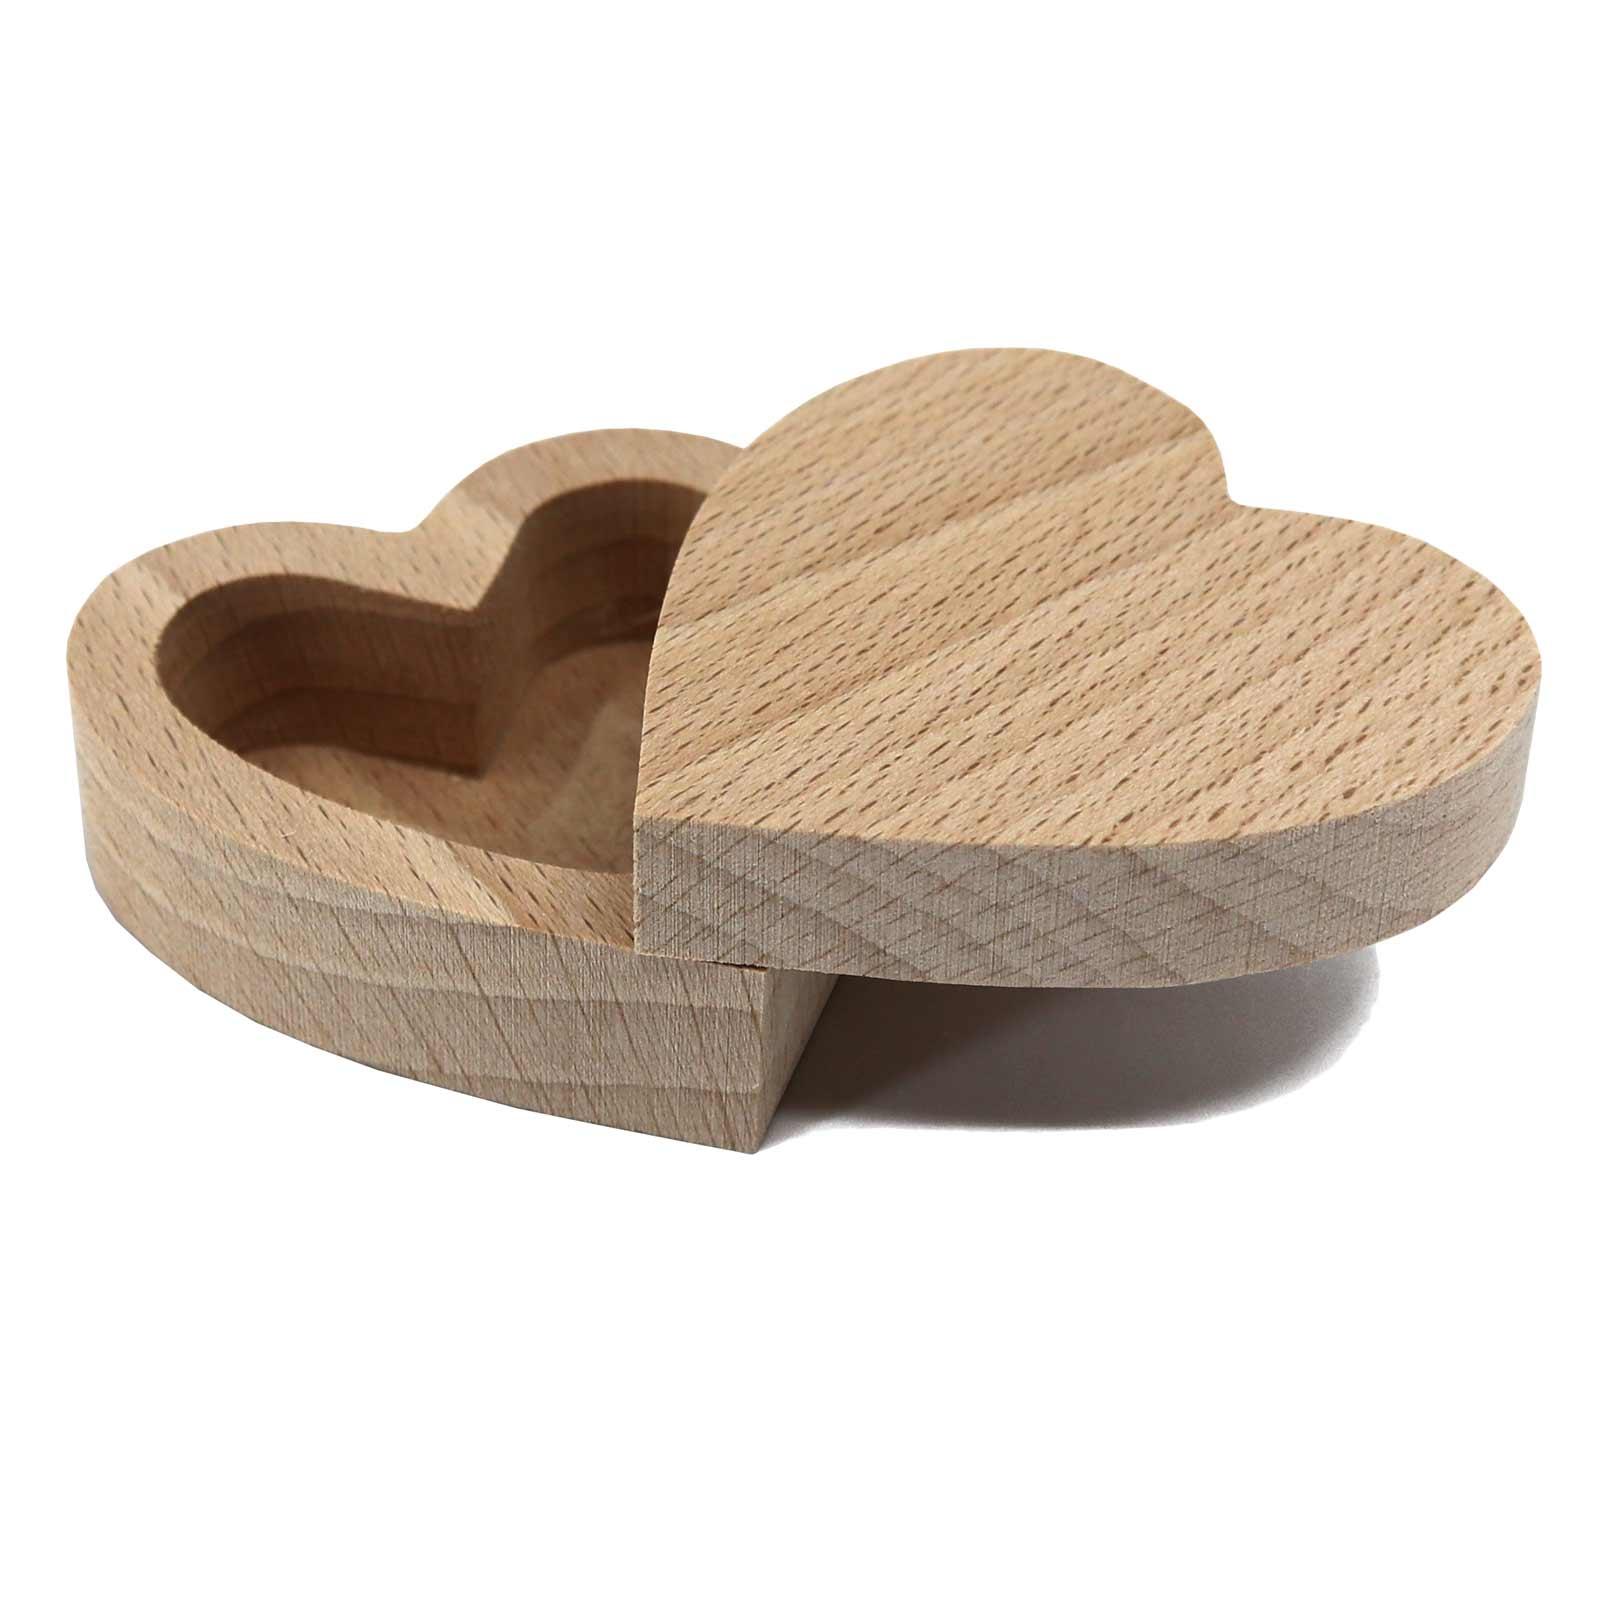 Plain Wood & MDF Trinket - Favour Boxes